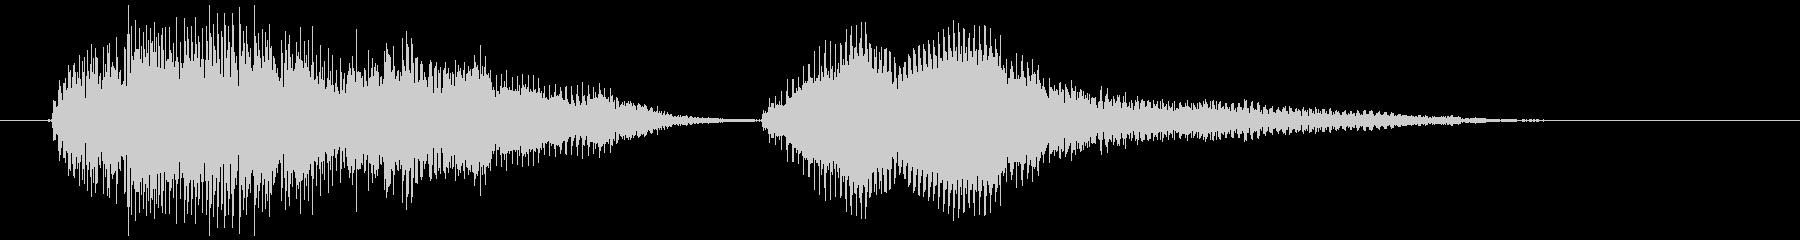 びっくりチキン 鳴き声の未再生の波形